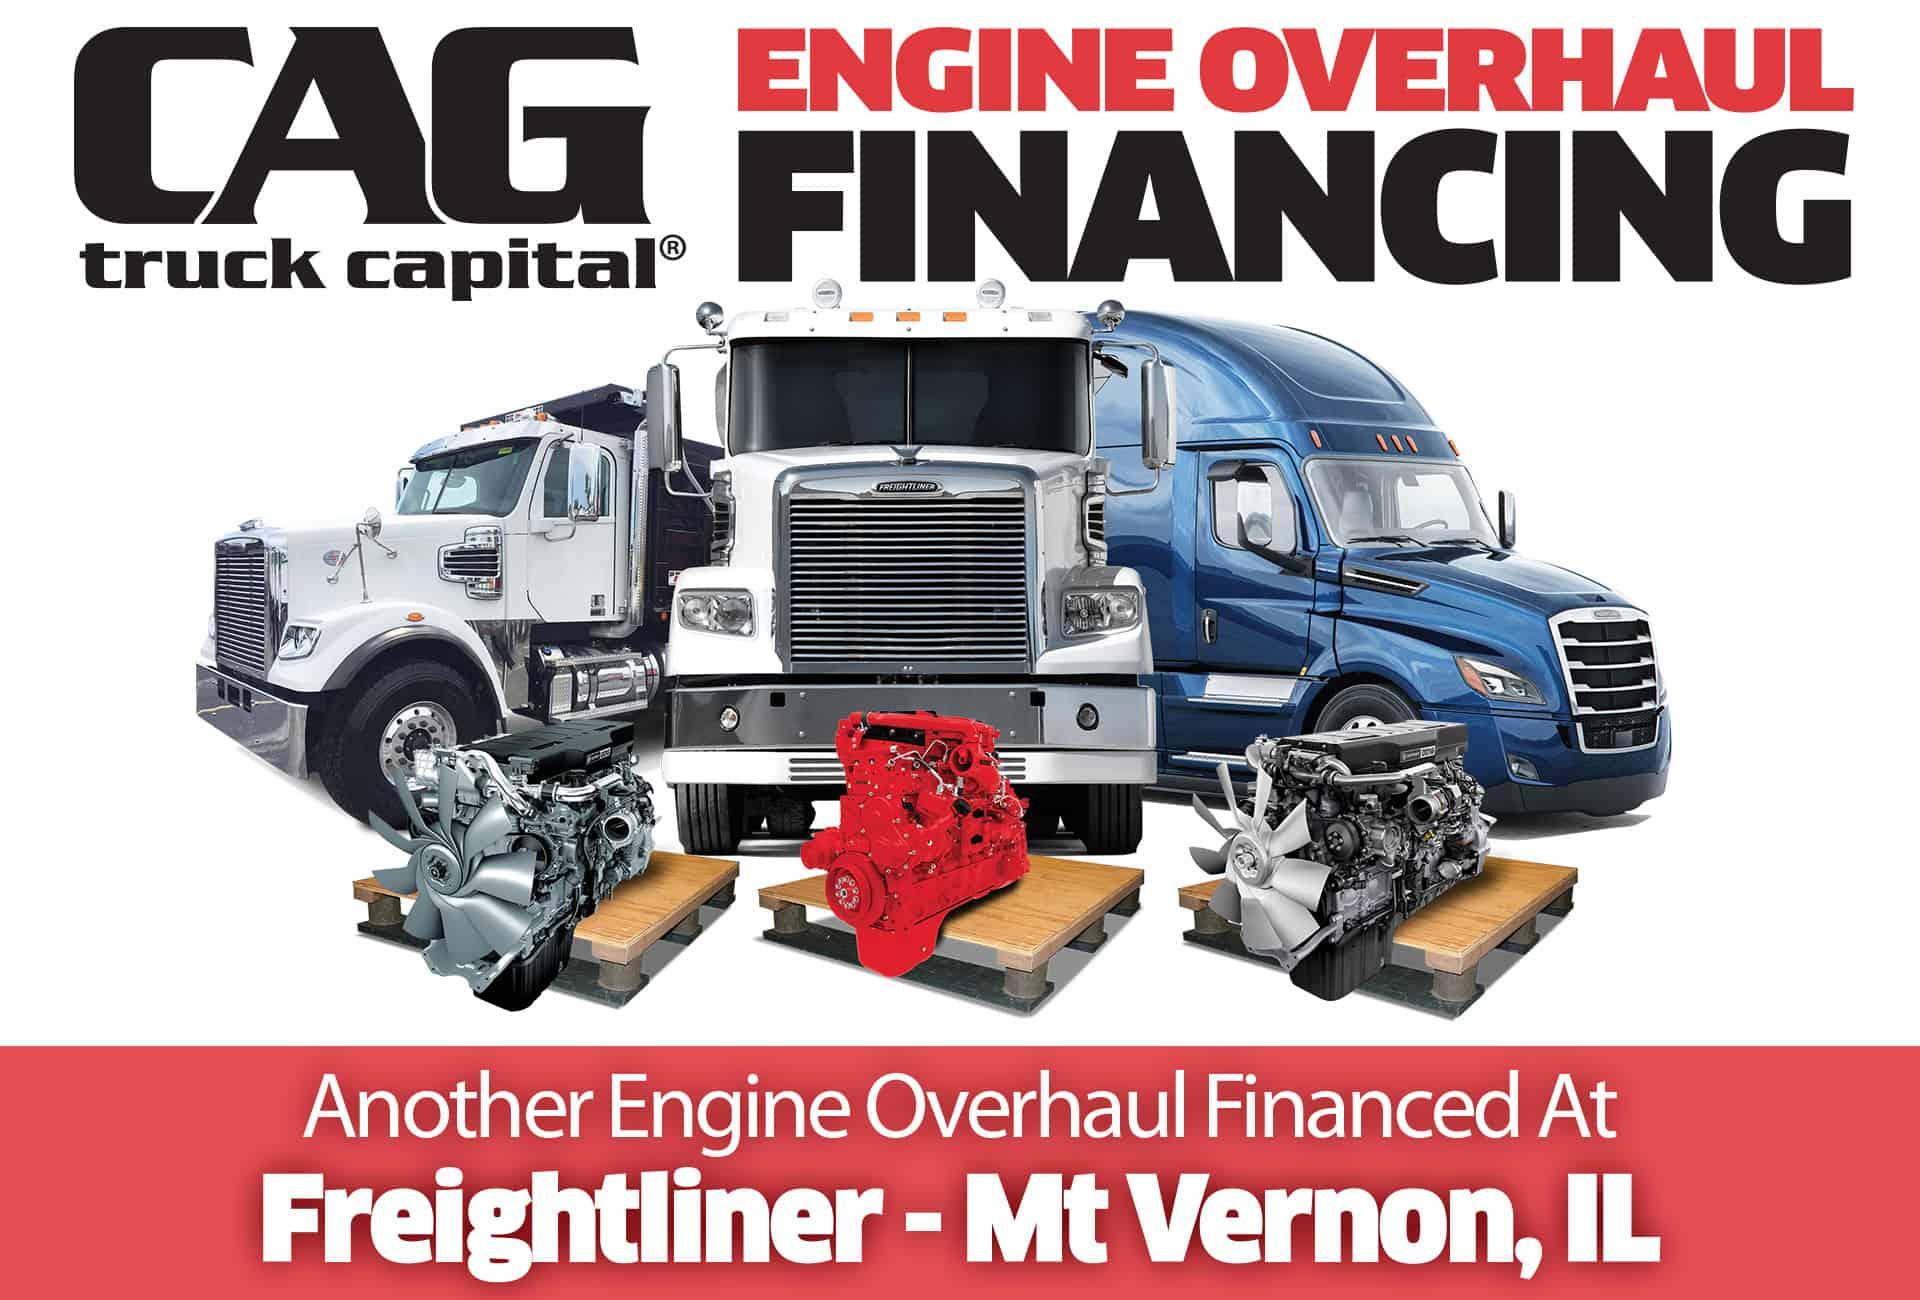 Freightliner Engine Overhauls In Mt Vernon, IL